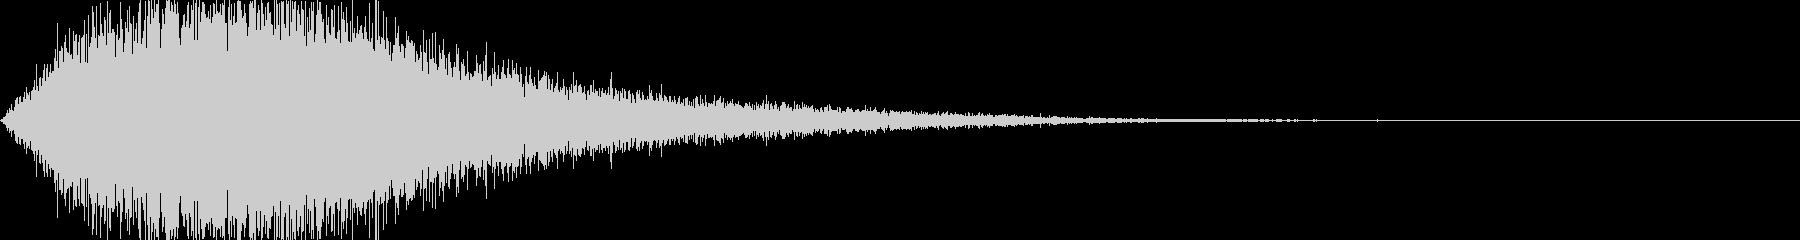 闇魔法ドゥーンドーンの未再生の波形